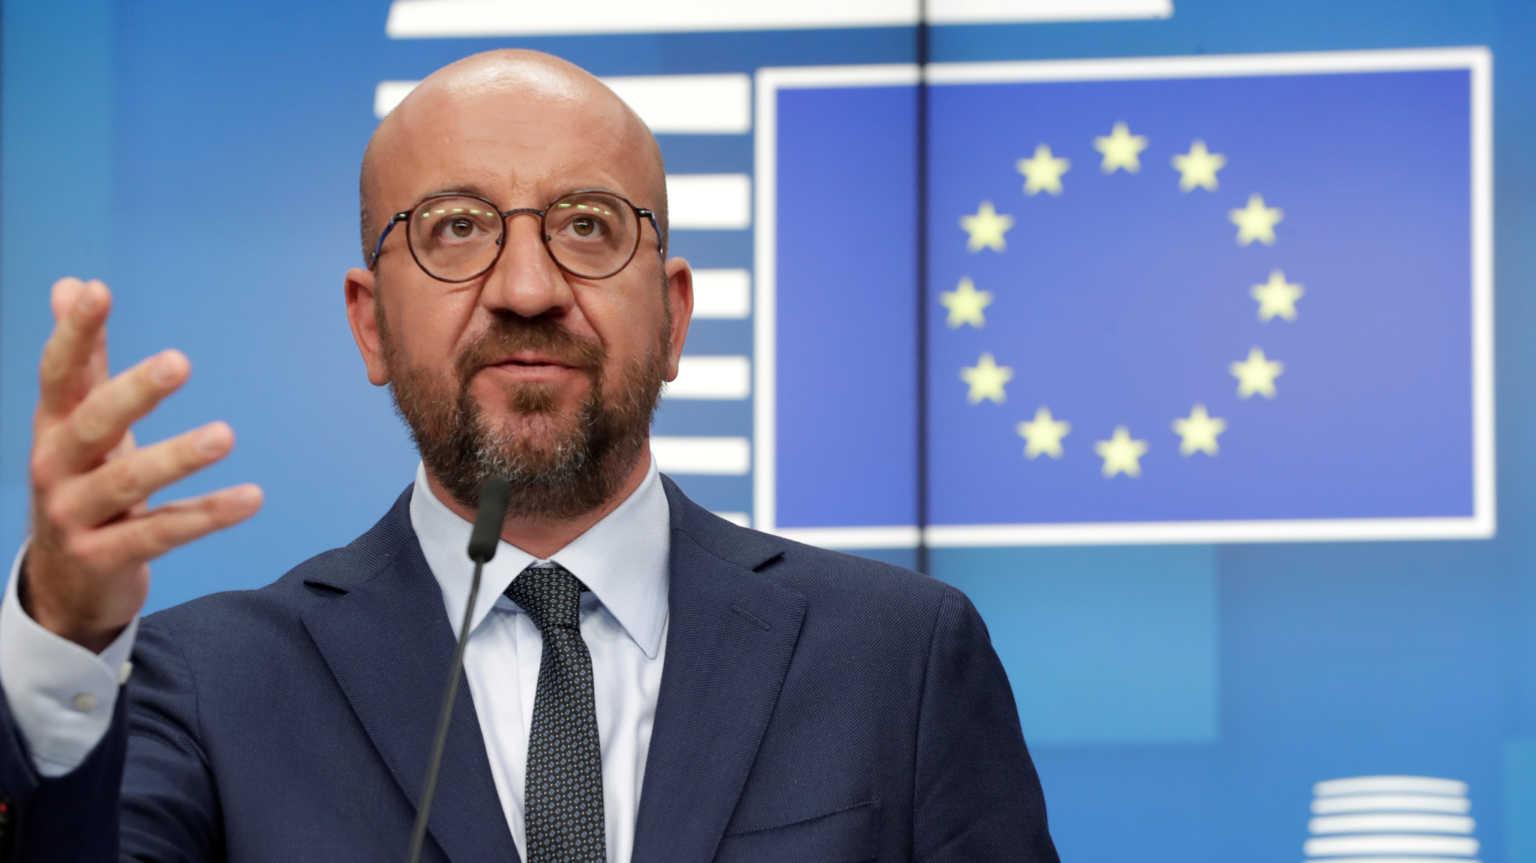 ΕΕ: Η Άγκυρα μας γύρισε την πλάτη! Τώρα πλέον μιλάμε για κυρώσεις – Οργισμένη δήλωση Μισέλ!